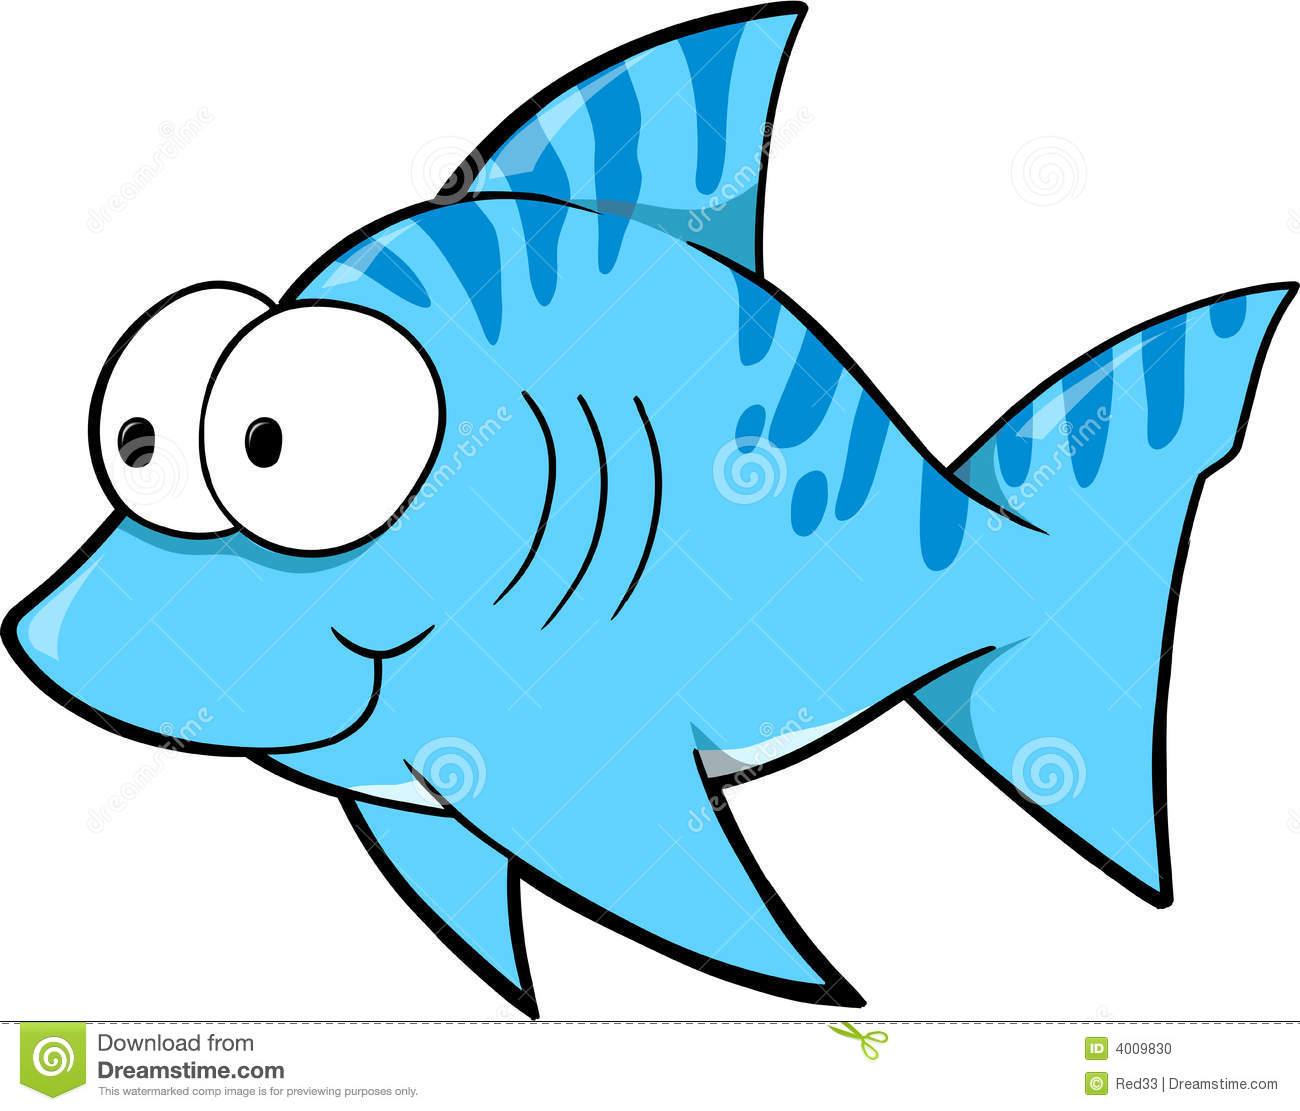 Bass clipart cute. Quality clip art fish